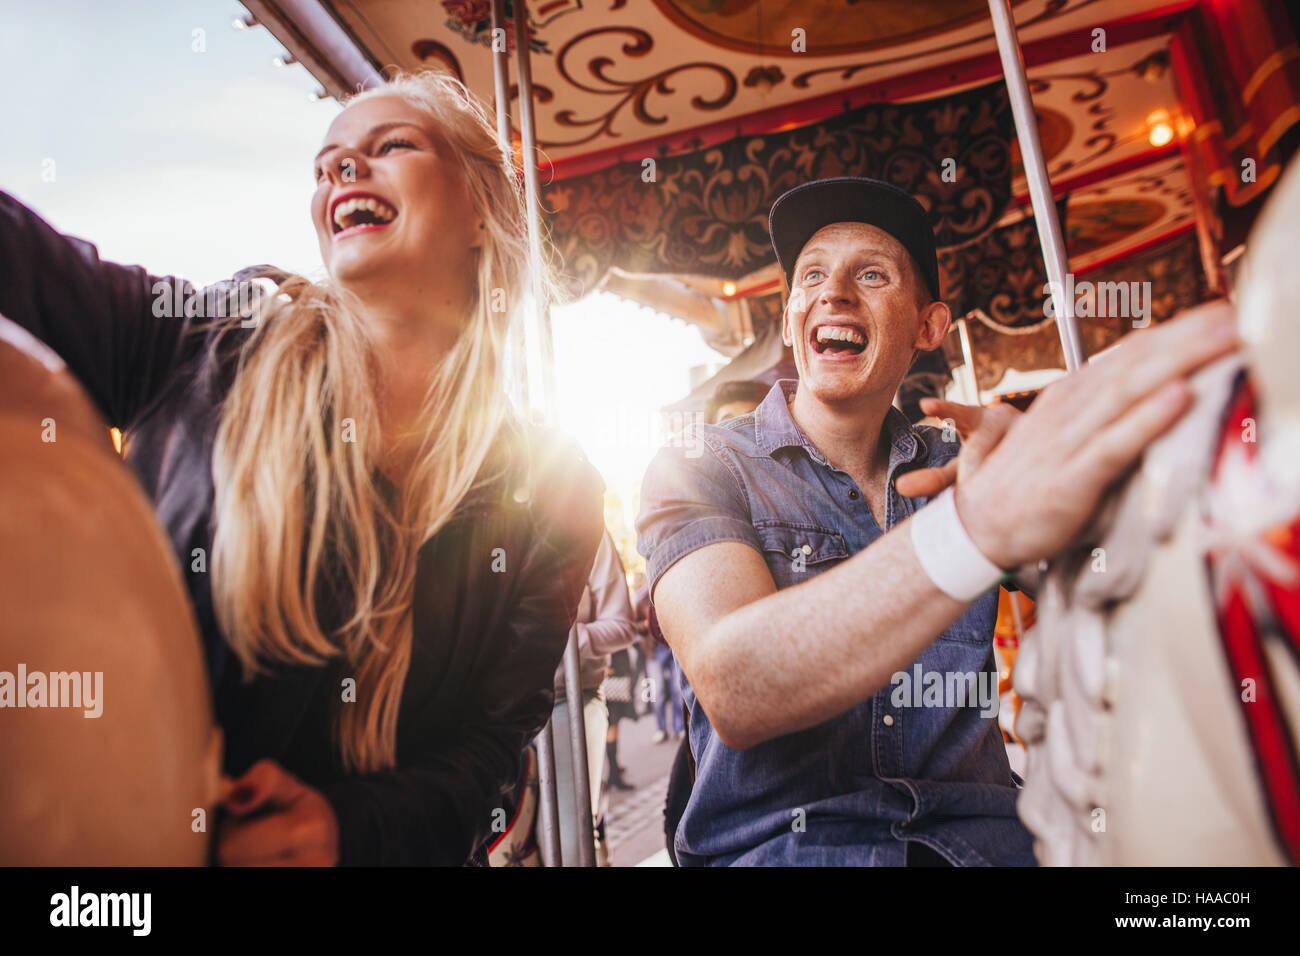 Jeune homme et de deux femmes sur carousel au parc des expositions. Couple jeune cheval de carrousel en parc d'amusement Photo Stock